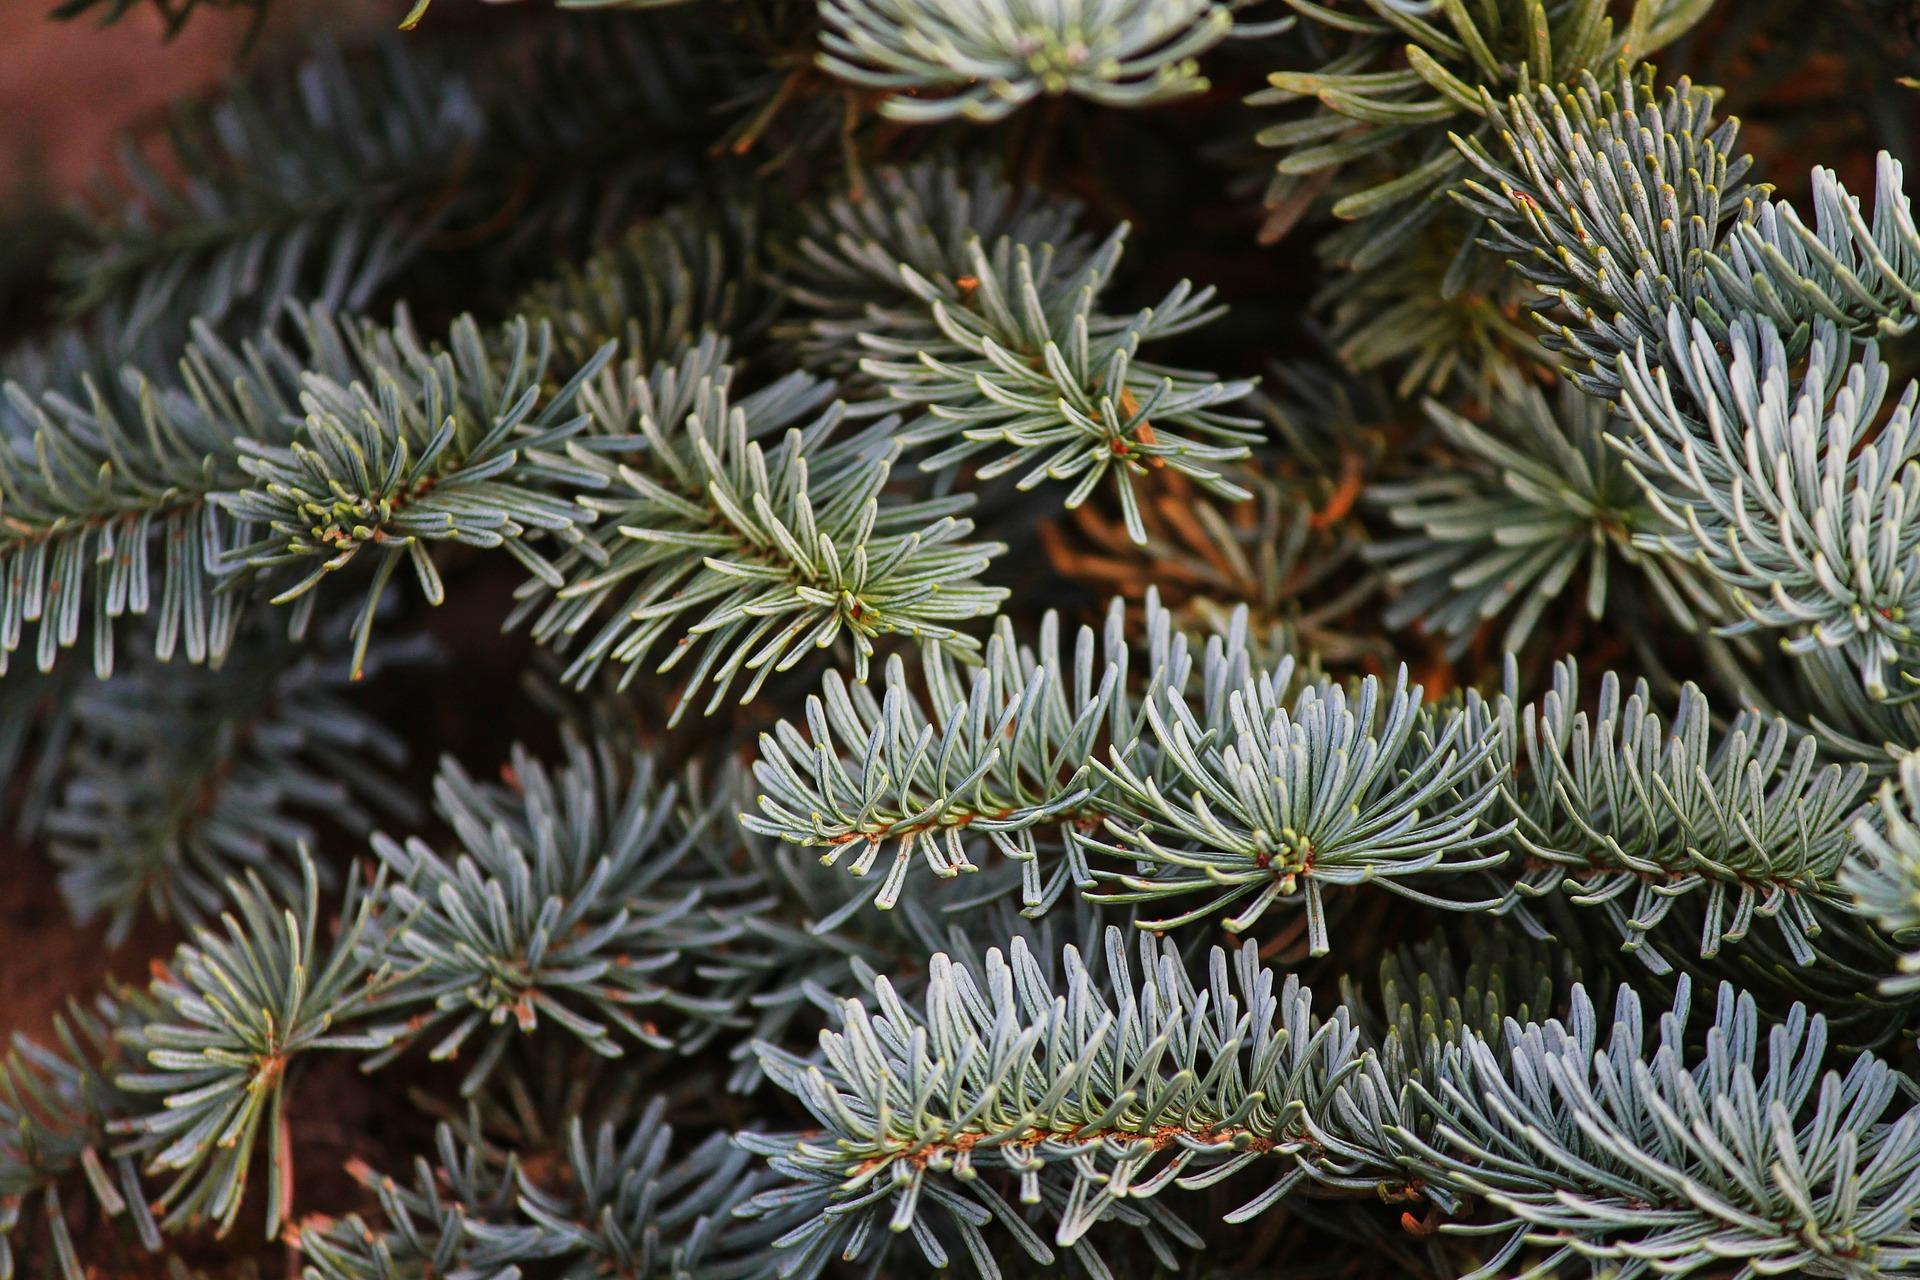 Контроль за вырубкой хвойных деревьев в лесах края будет усилен